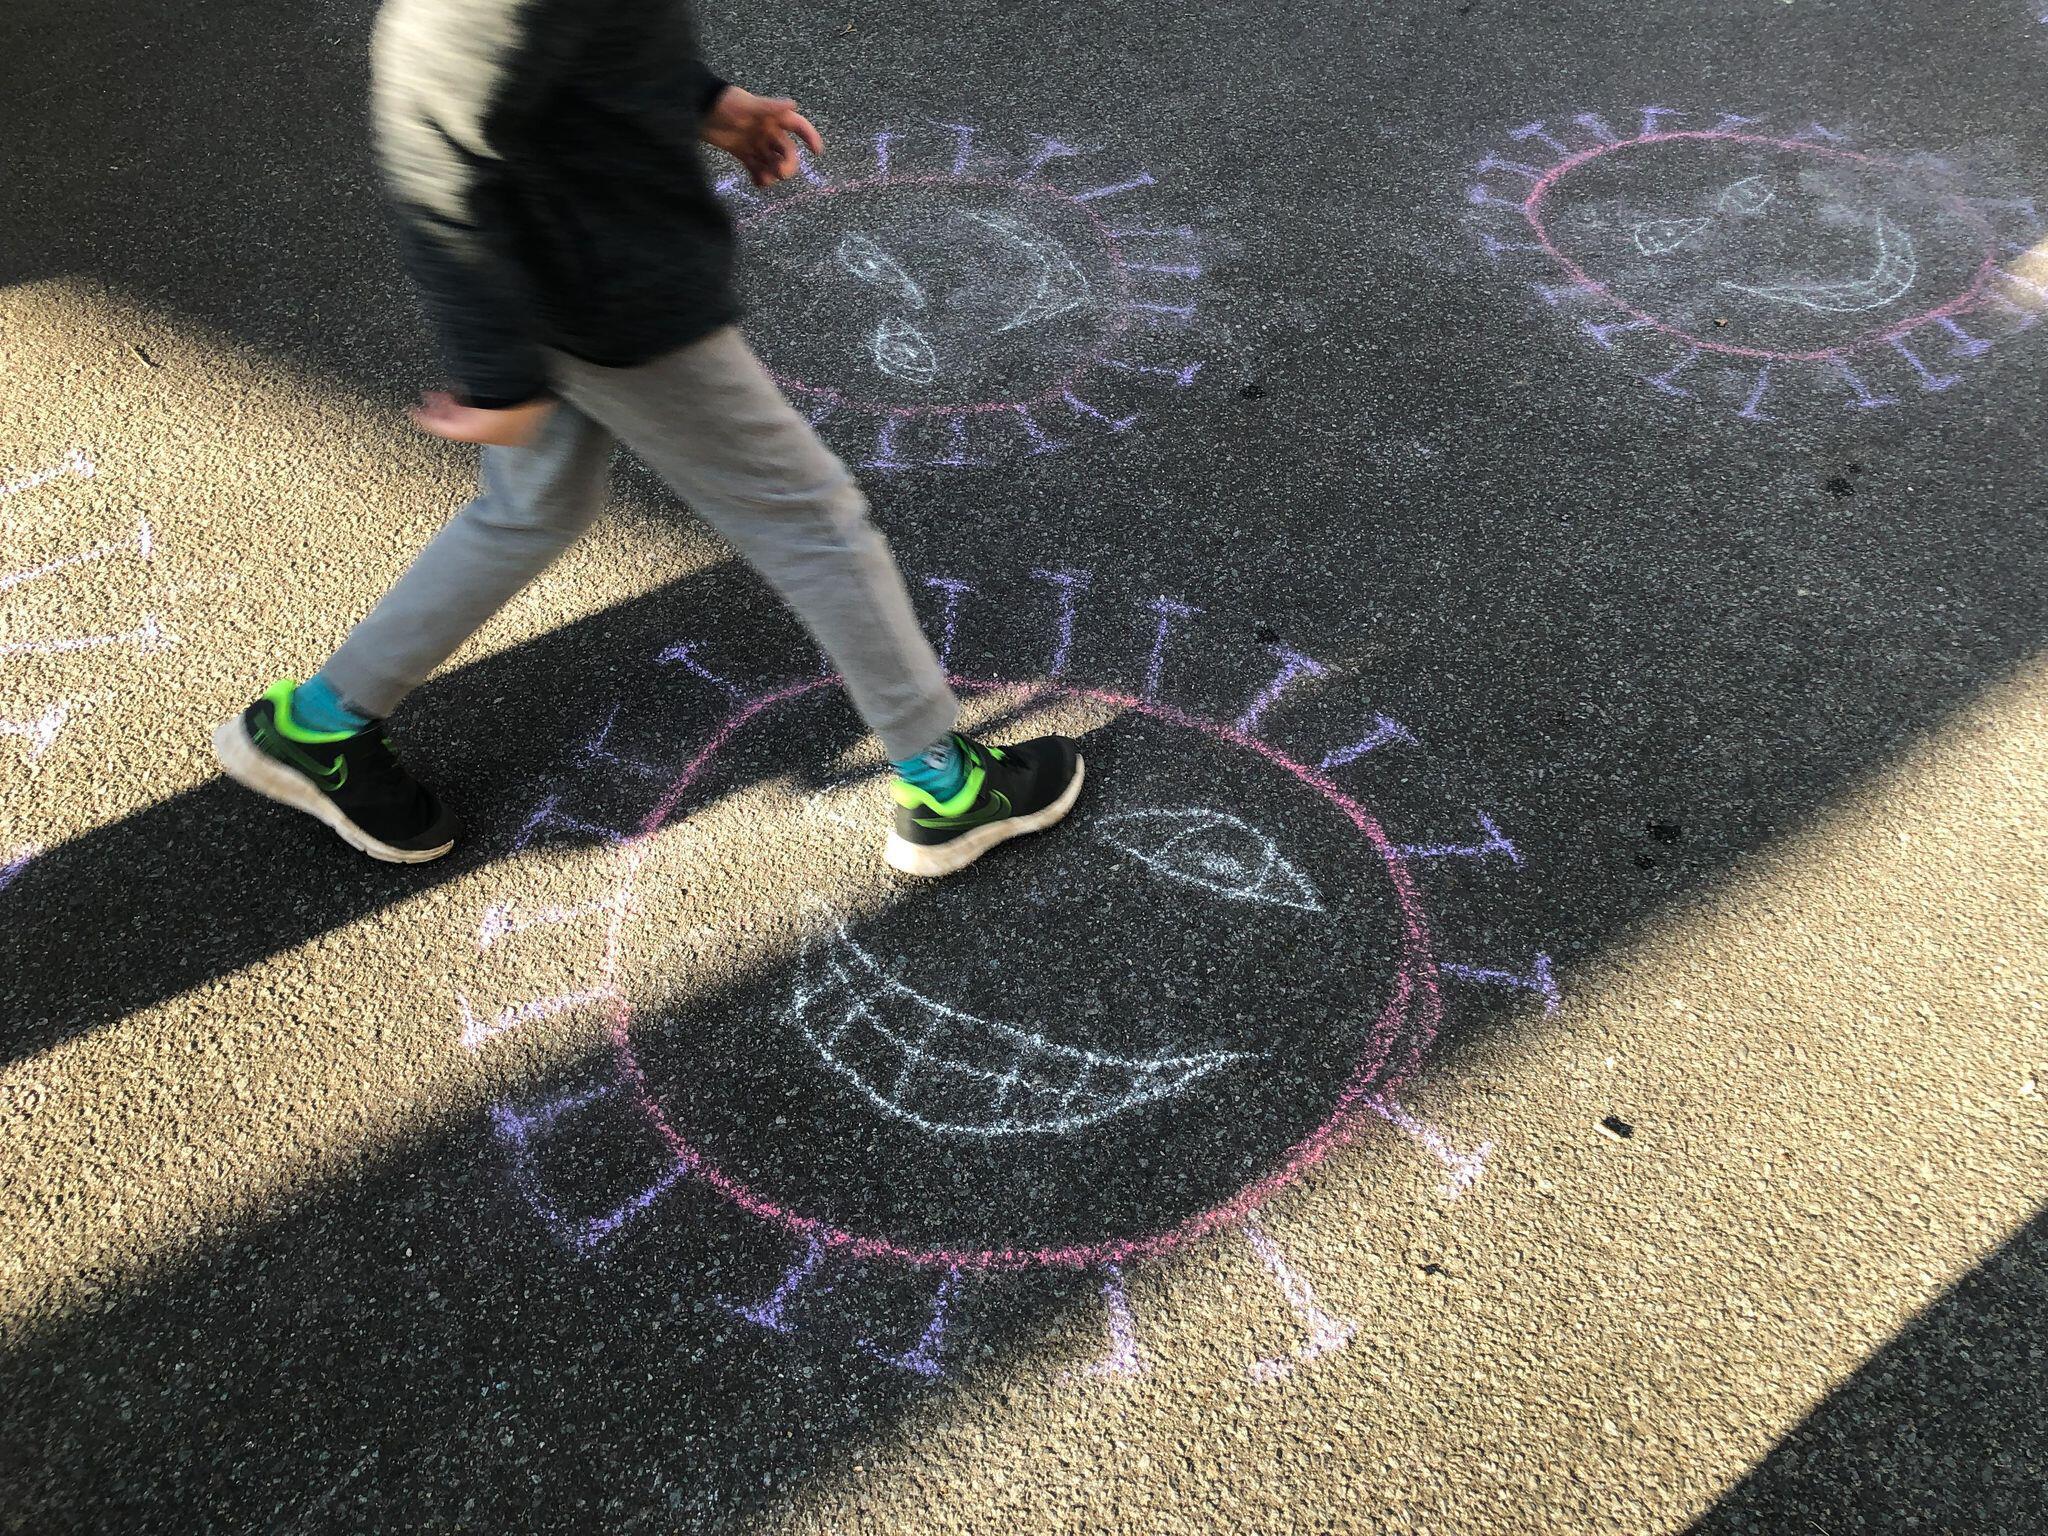 Bild zu Coronavirus - Kinder malen den Virus